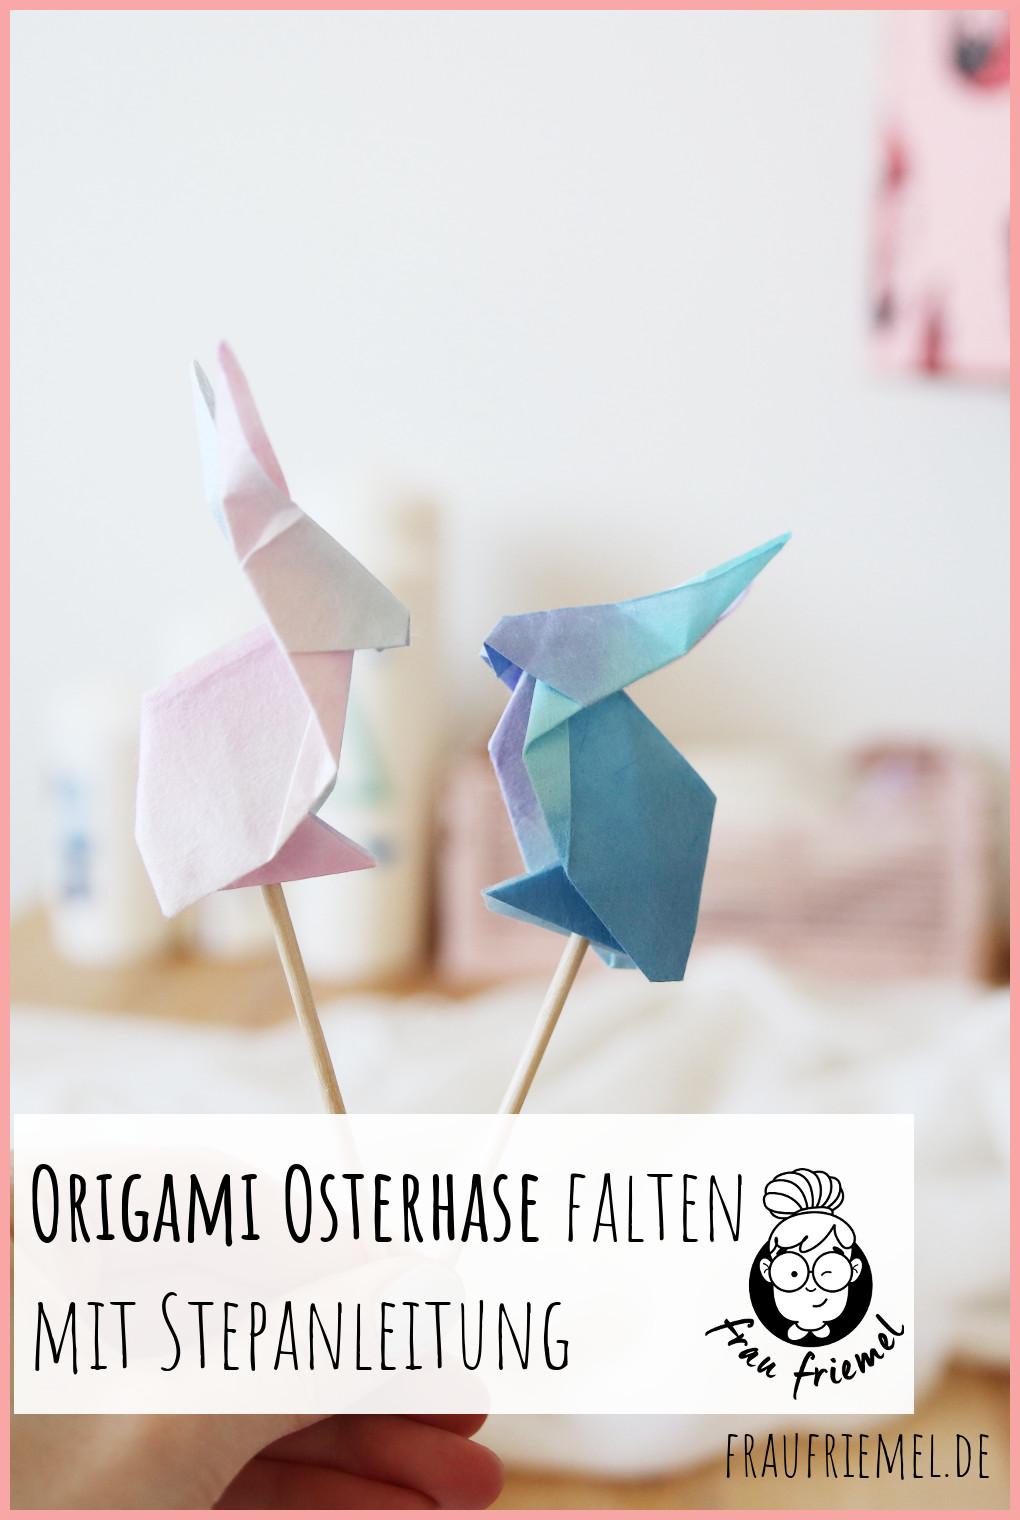 Origami Hase Anleitung auf Pinterest merken